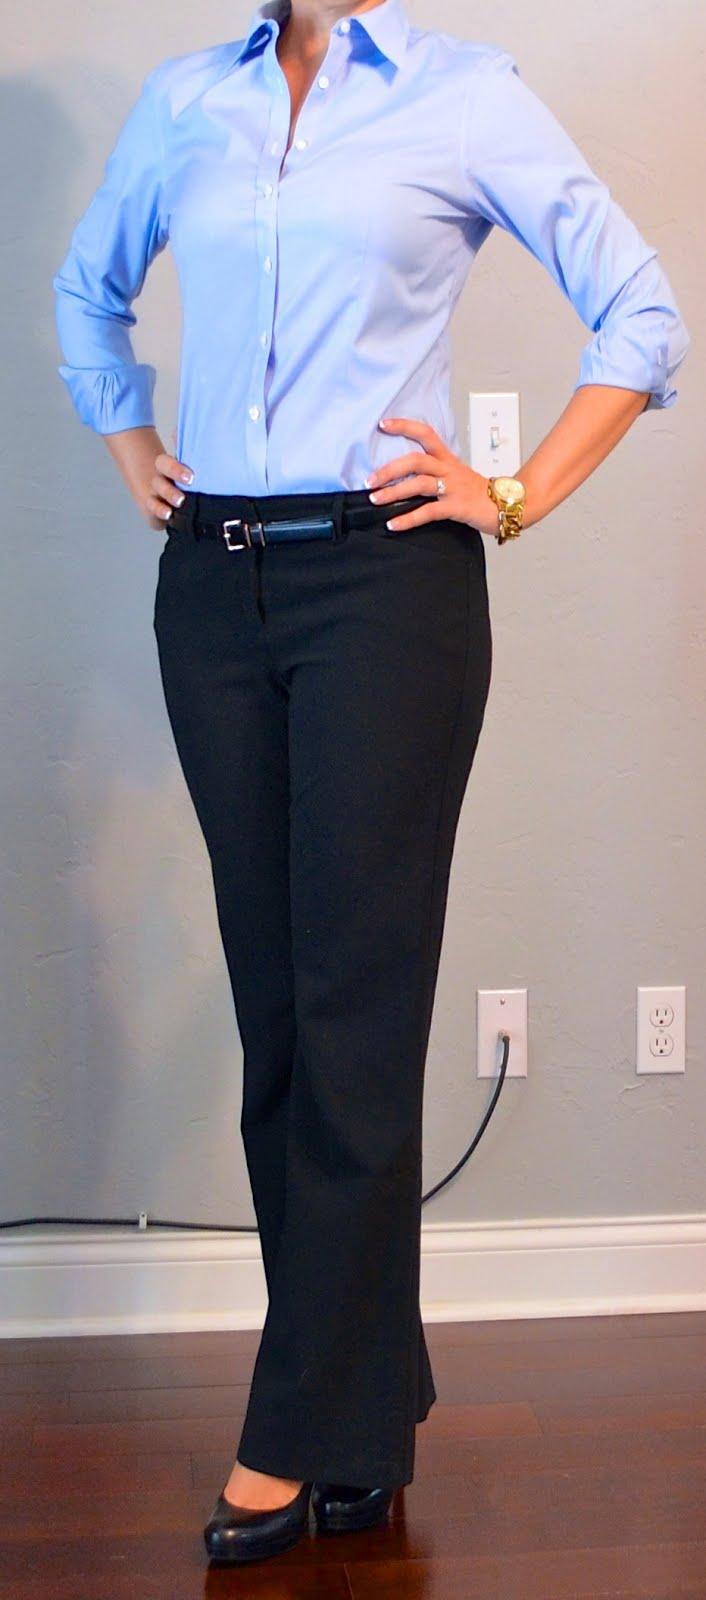 outfit posts: blue button down shirt, black slacks